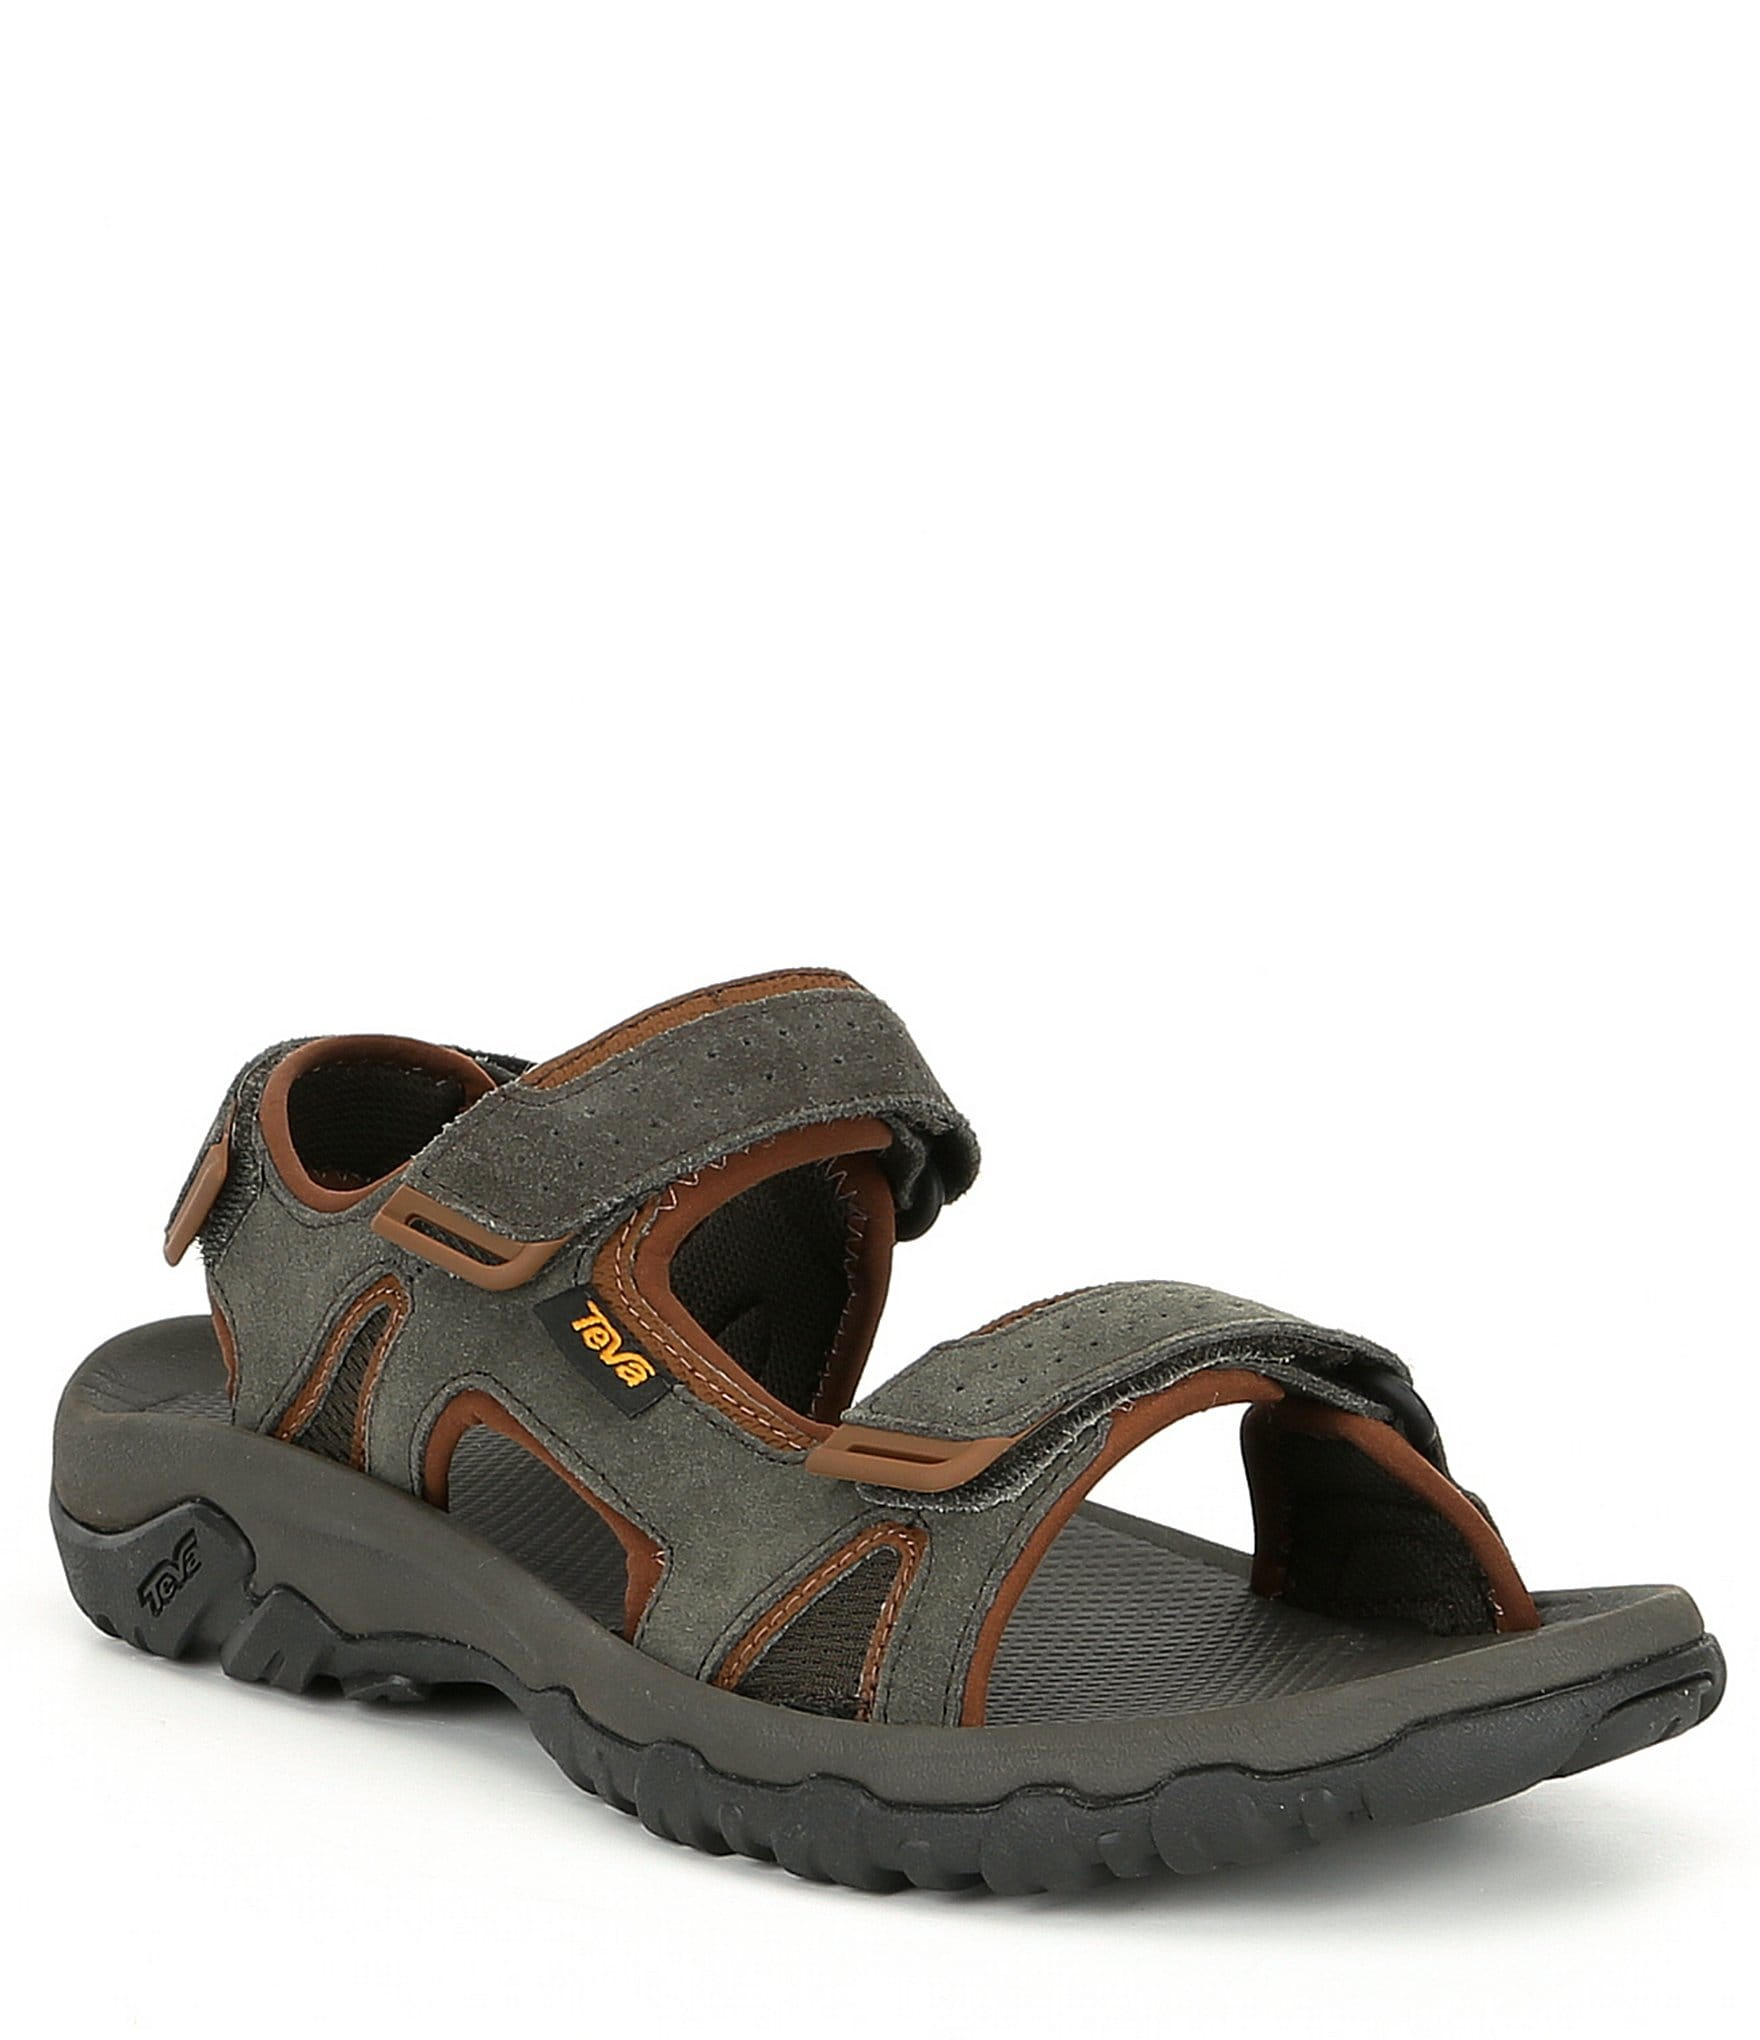 86e93591eff Men s Outdoor Sandals